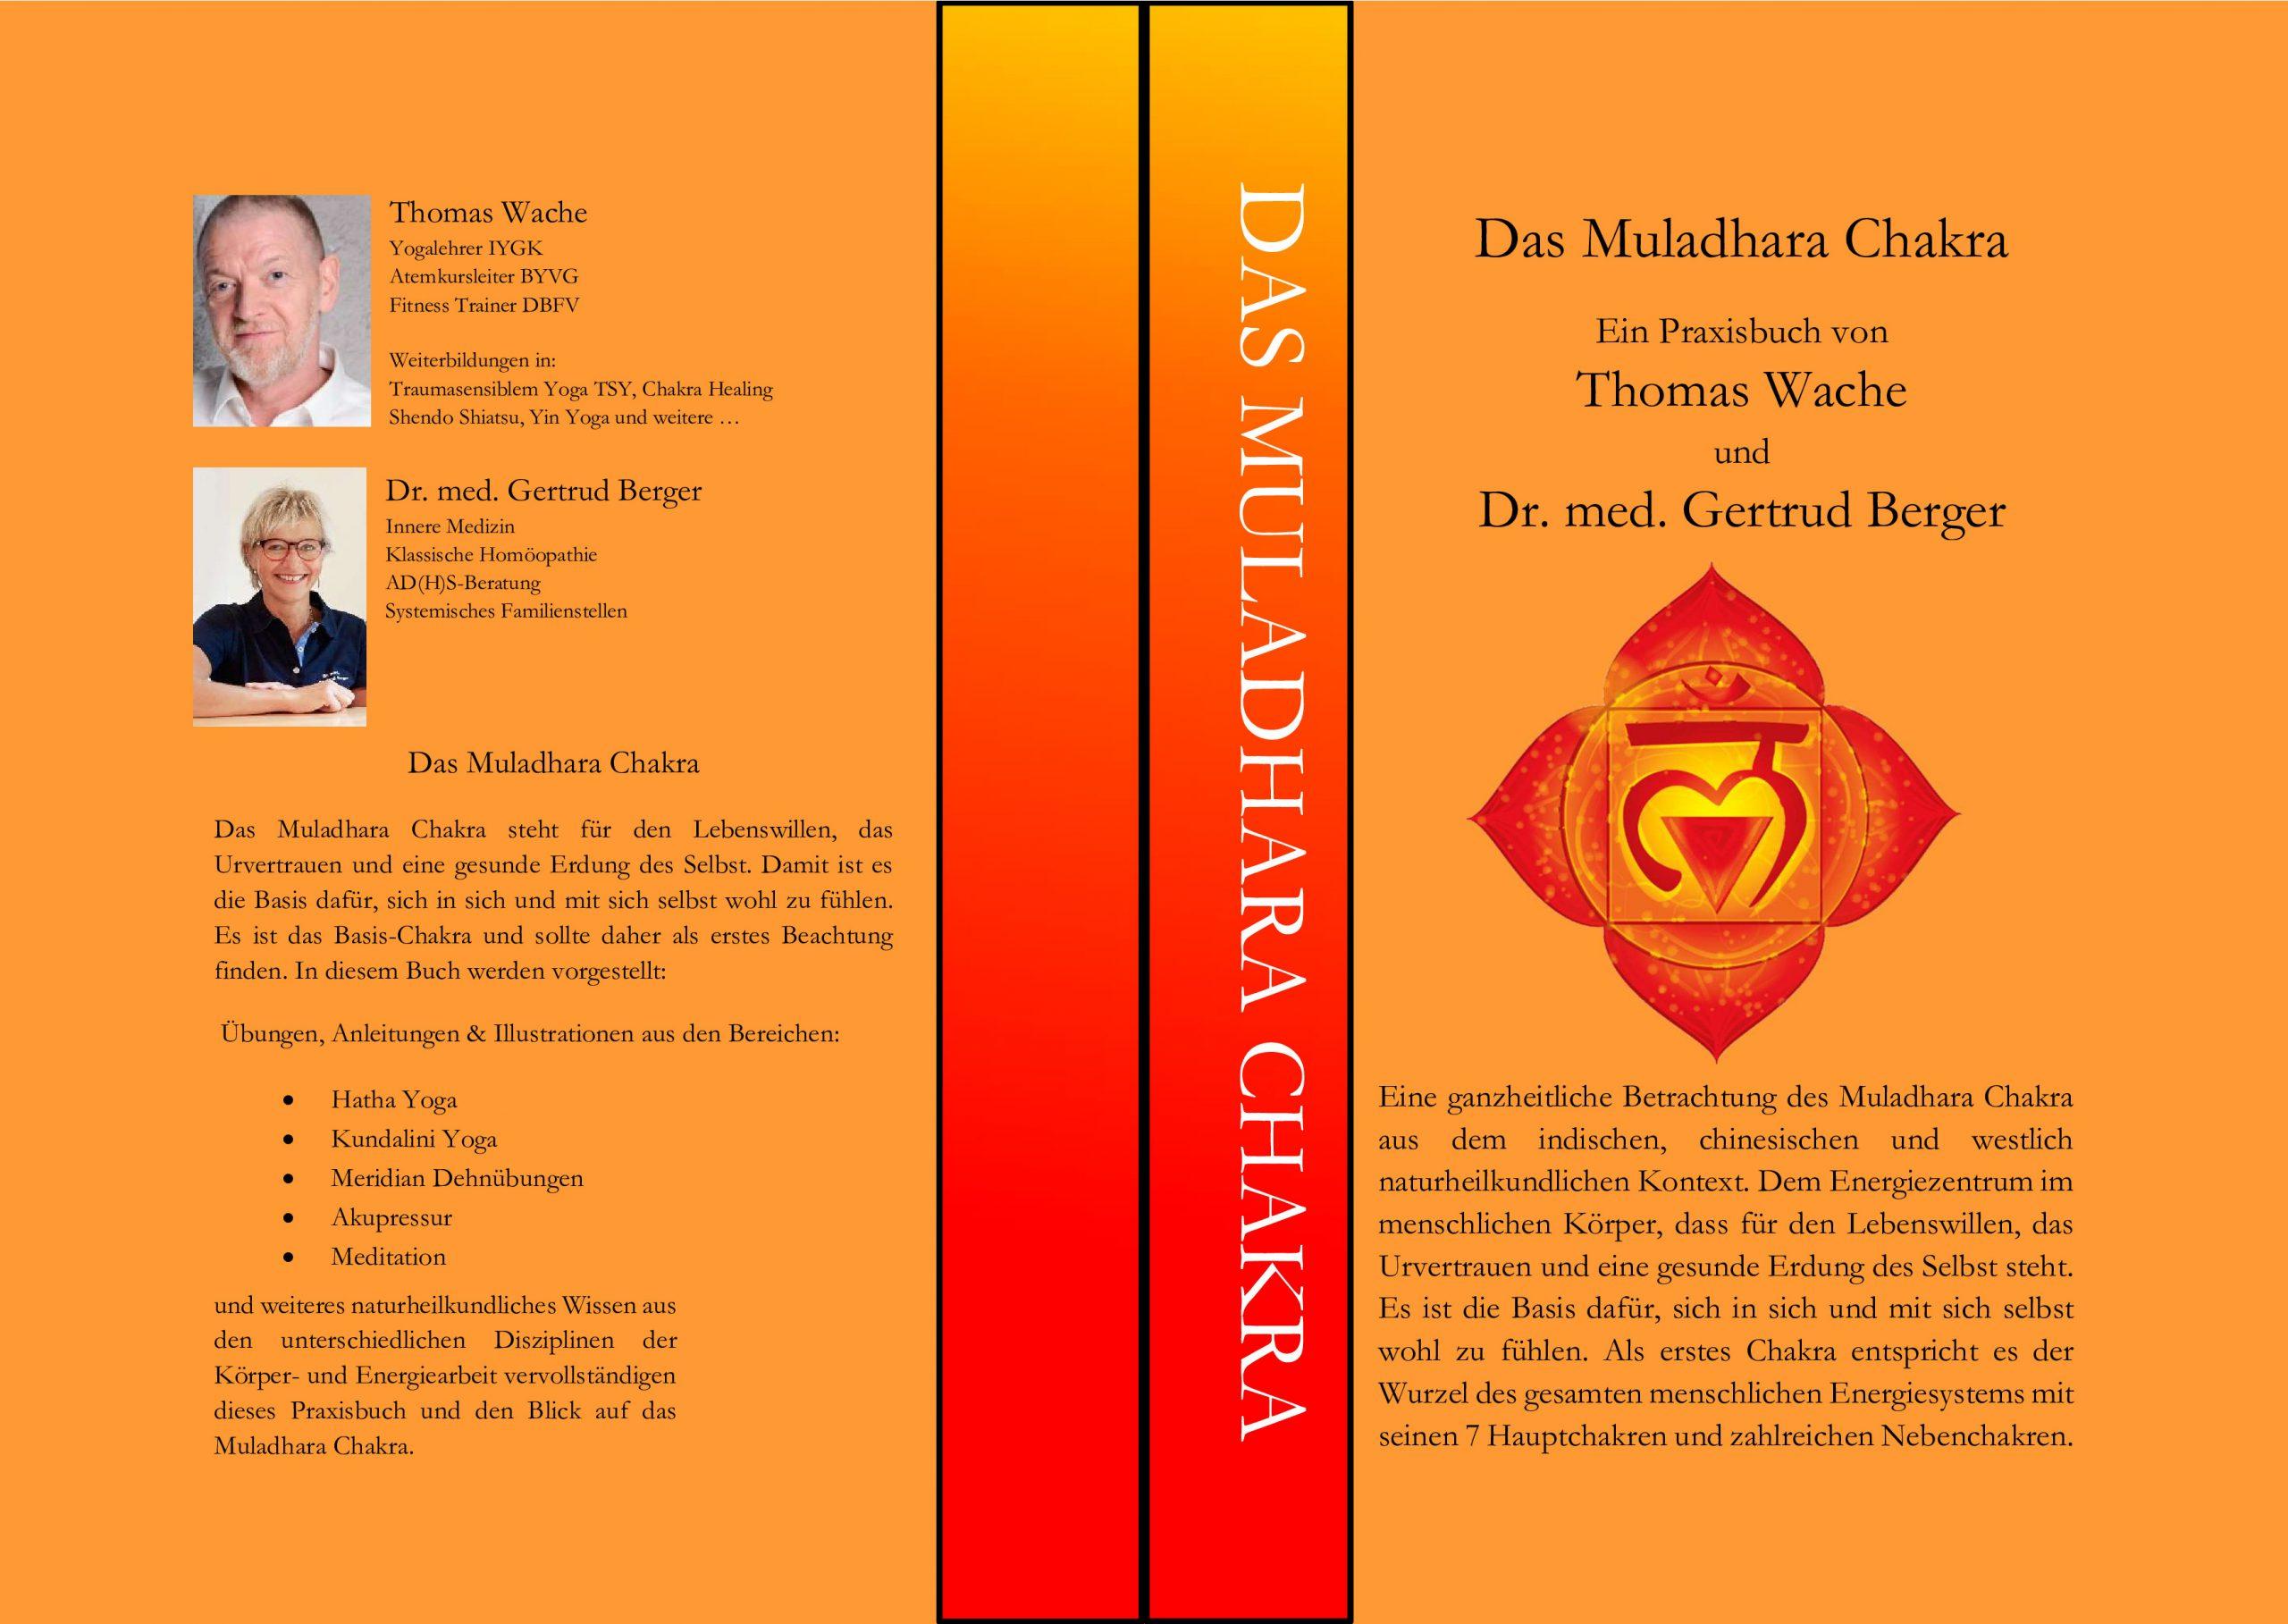 Das Muladhara Chakra - Ein Praxisbuch von Thomas Wache und Dr. med. Gertrud Berger